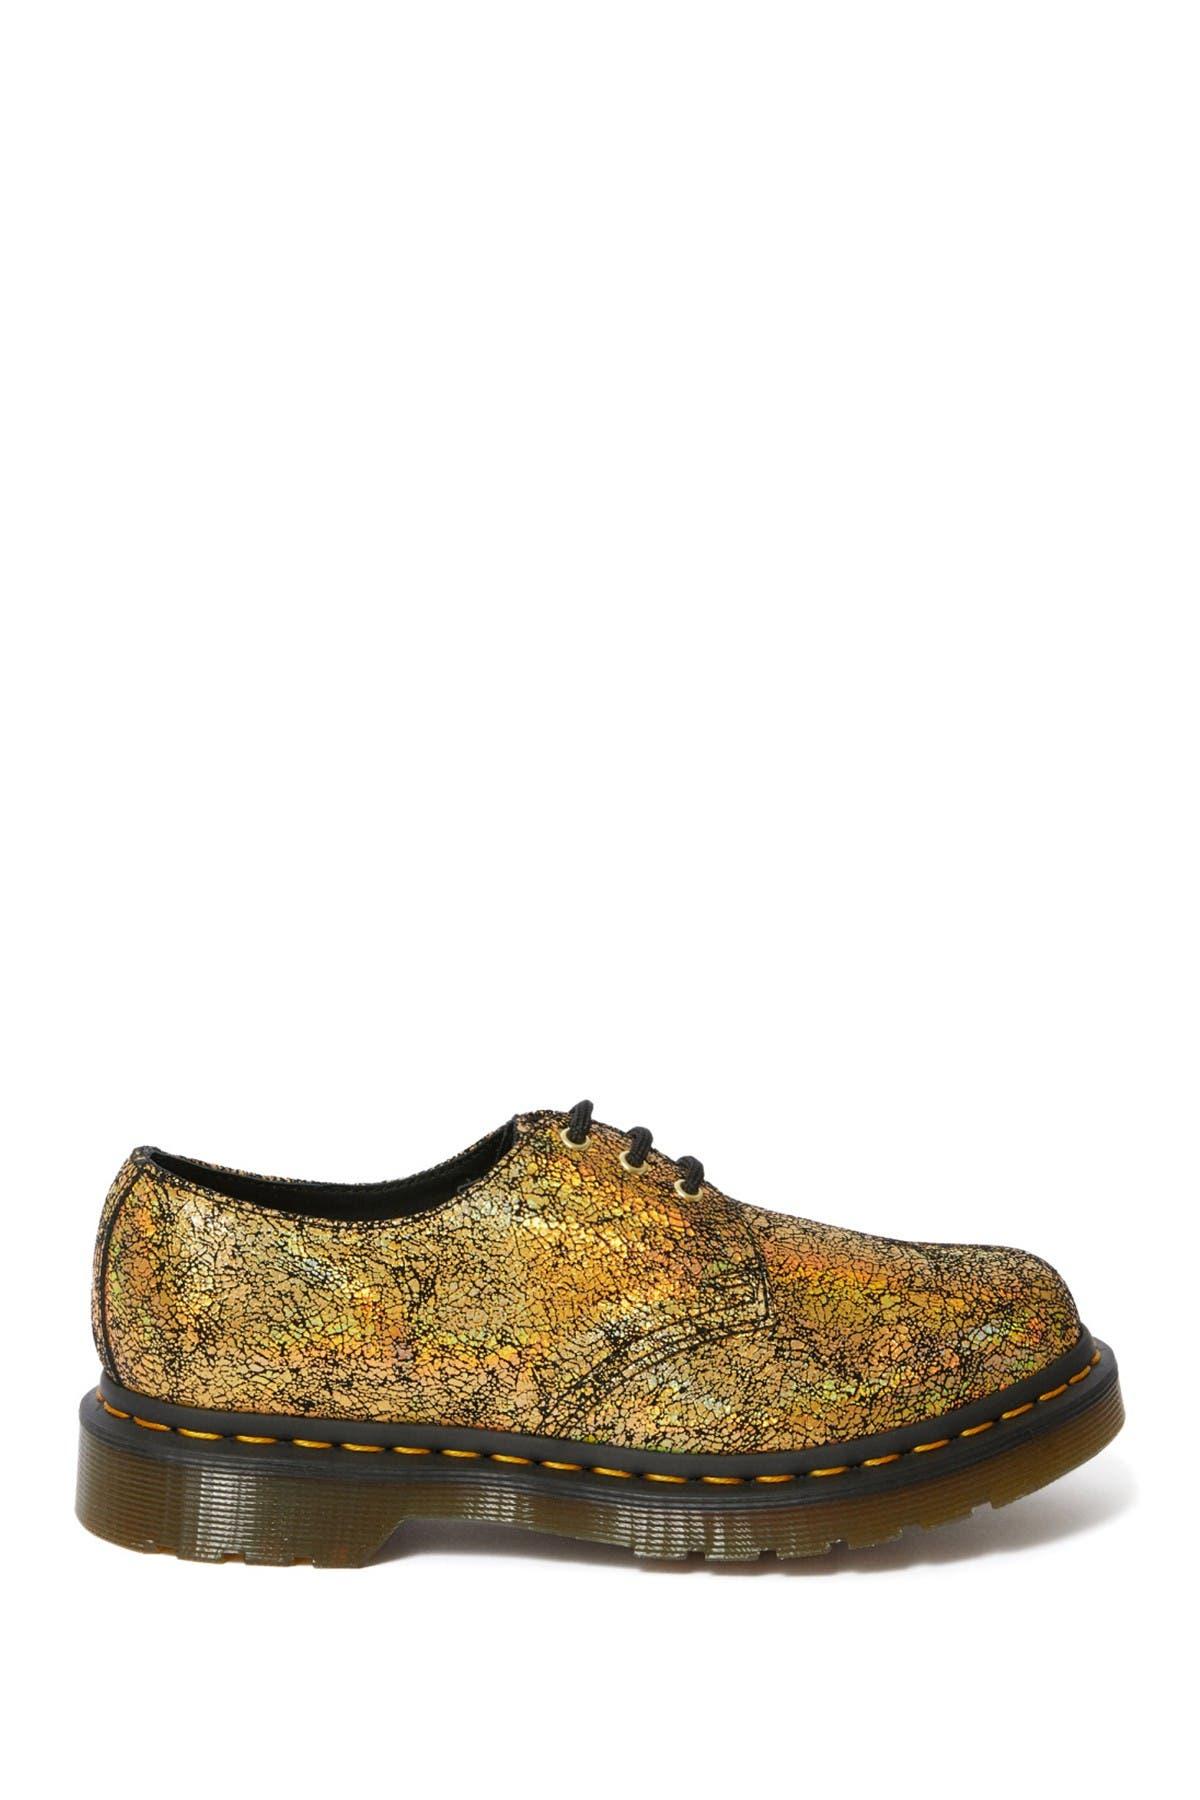 Image of Dr. Martens 1461 Gold Crackle Oxford Shoe